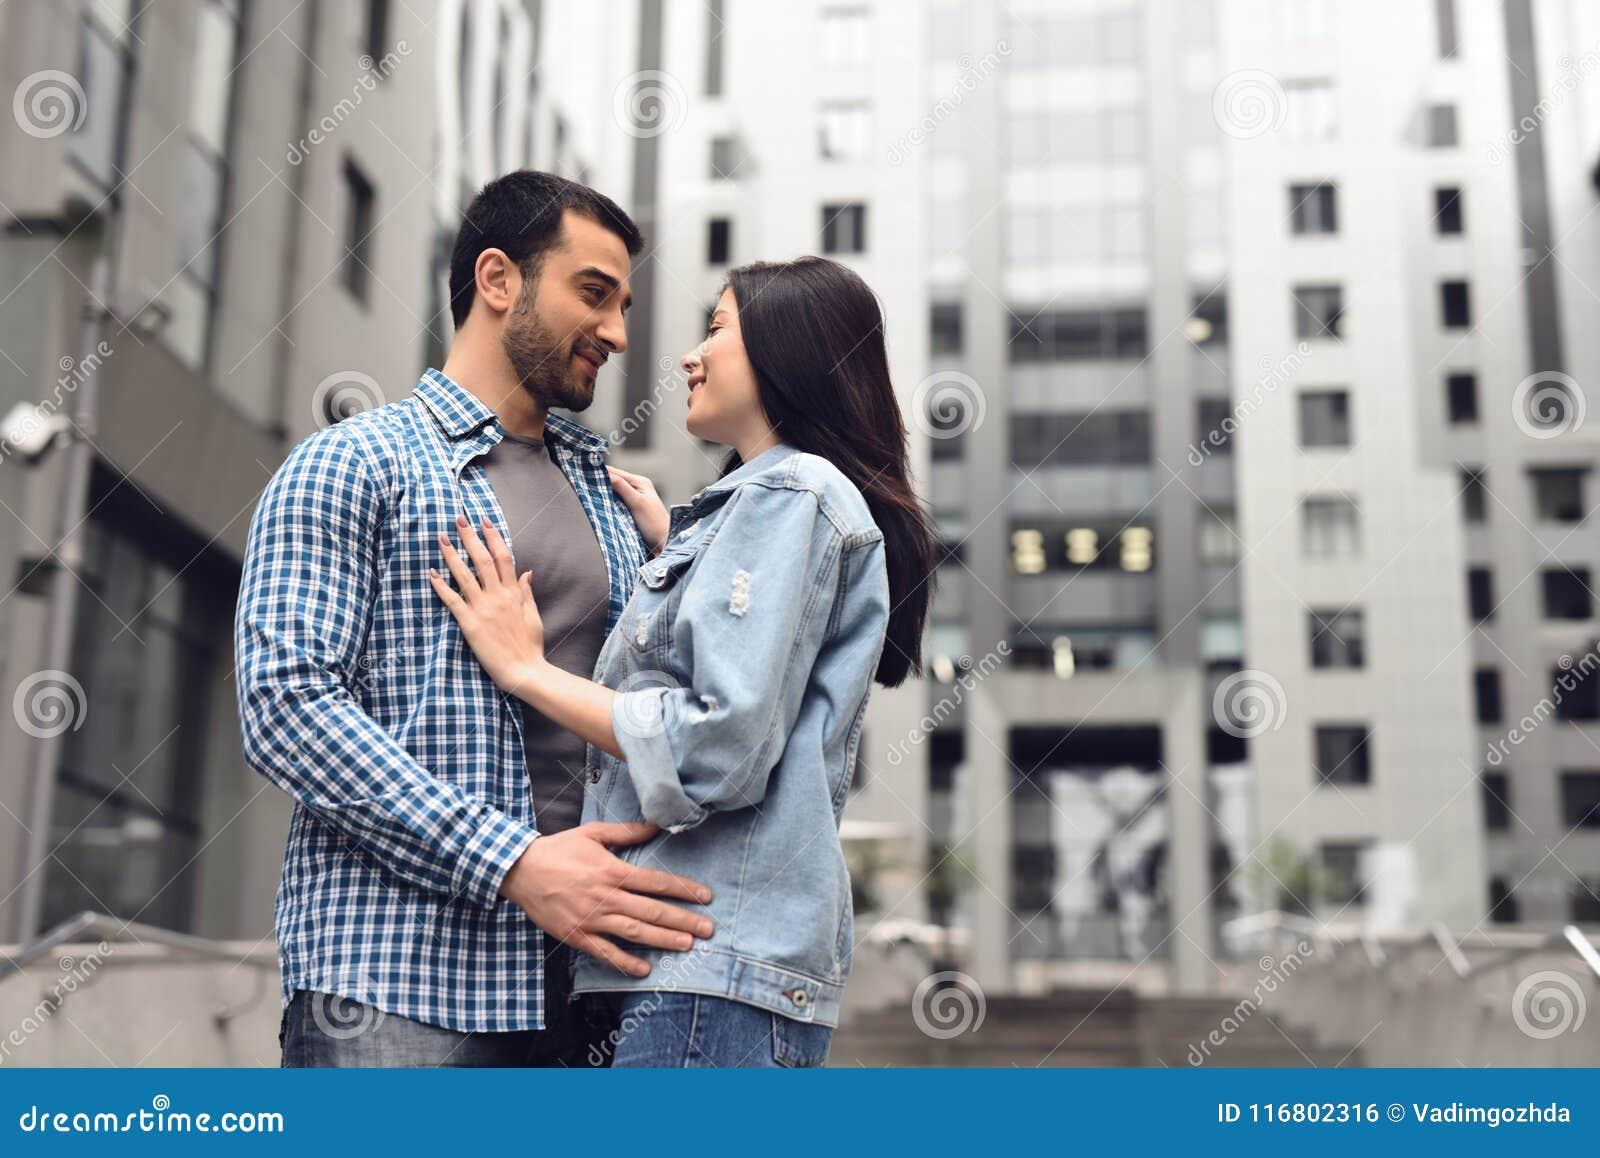 Storia di amore Il tipo in camicia di plaid abbraccia la ragazza